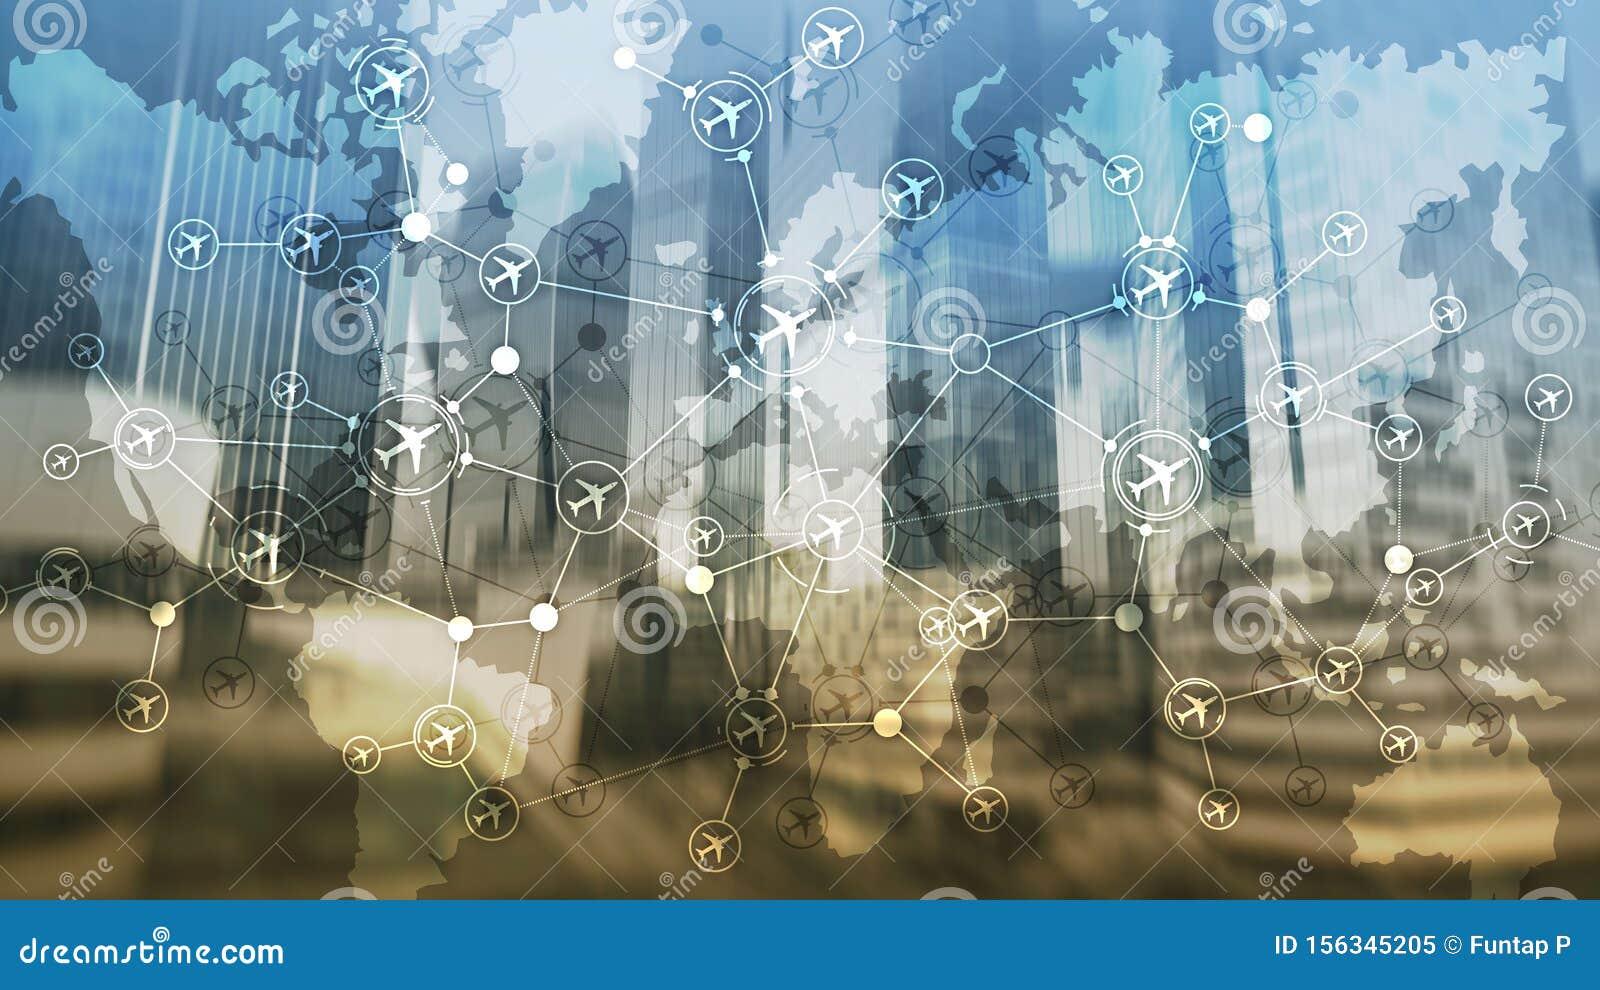 Destinations of plane flight. Air transport, travel tourism concept. Aviation routes